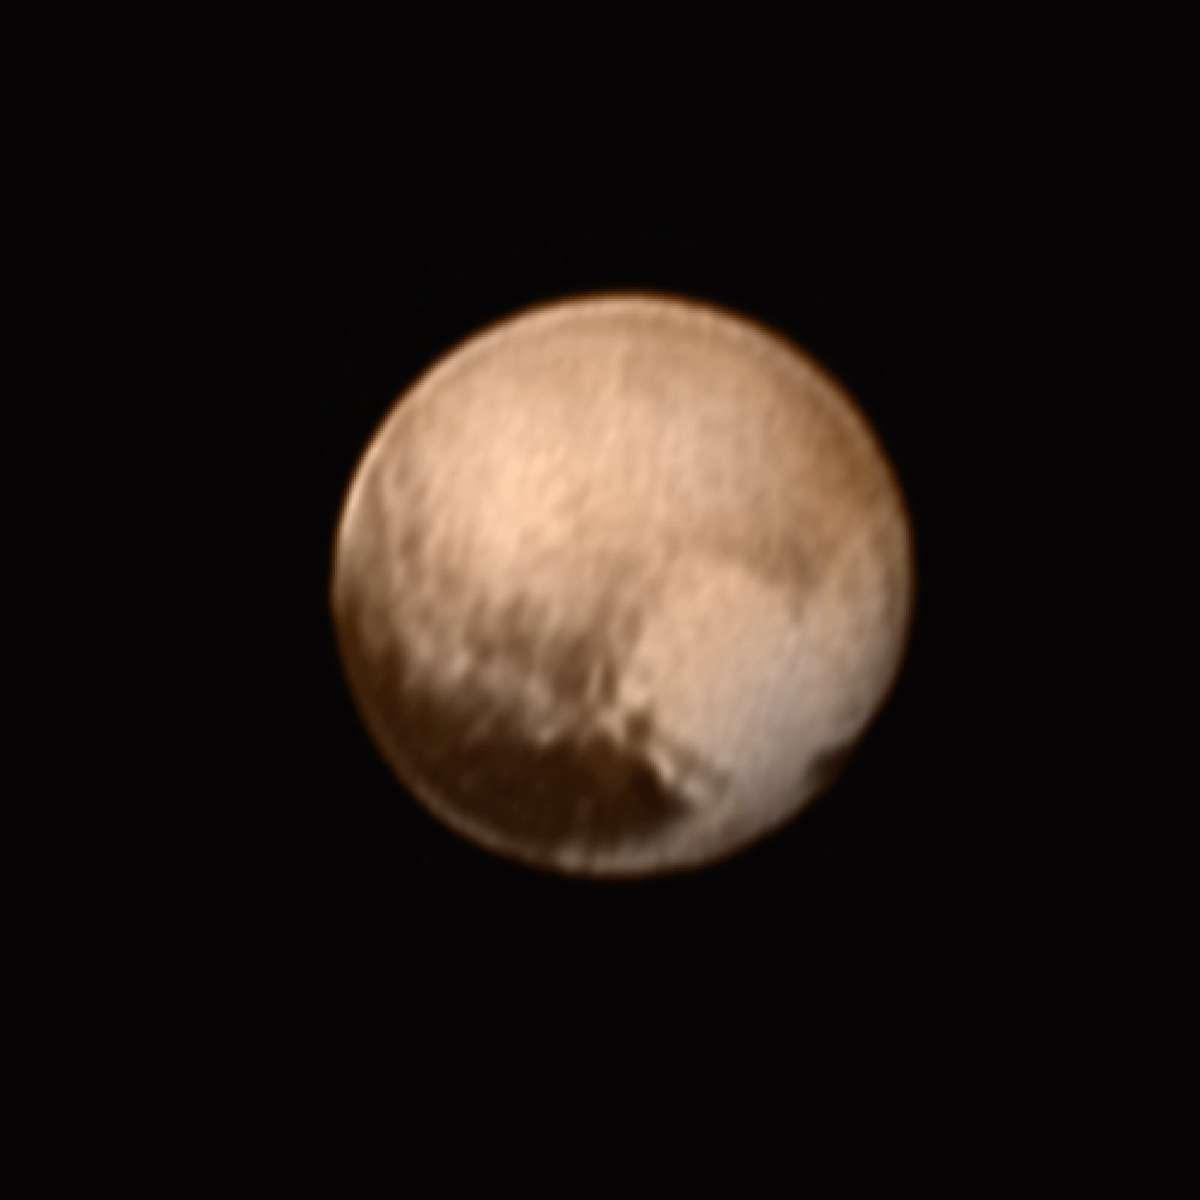 Nouvelle image de Pluton prise le 7 juillet avec le télescope Lorri de la sonde New Horizons. La région claire en forme de cœur sera survolée par la sonde spatiale le 14 juillet prochain à 11 h 50 TU. La grande tache sombre en bas à gauche de Pluton a été surnommée la « Baleine ». © Nasa, JHUAPL, SwRI